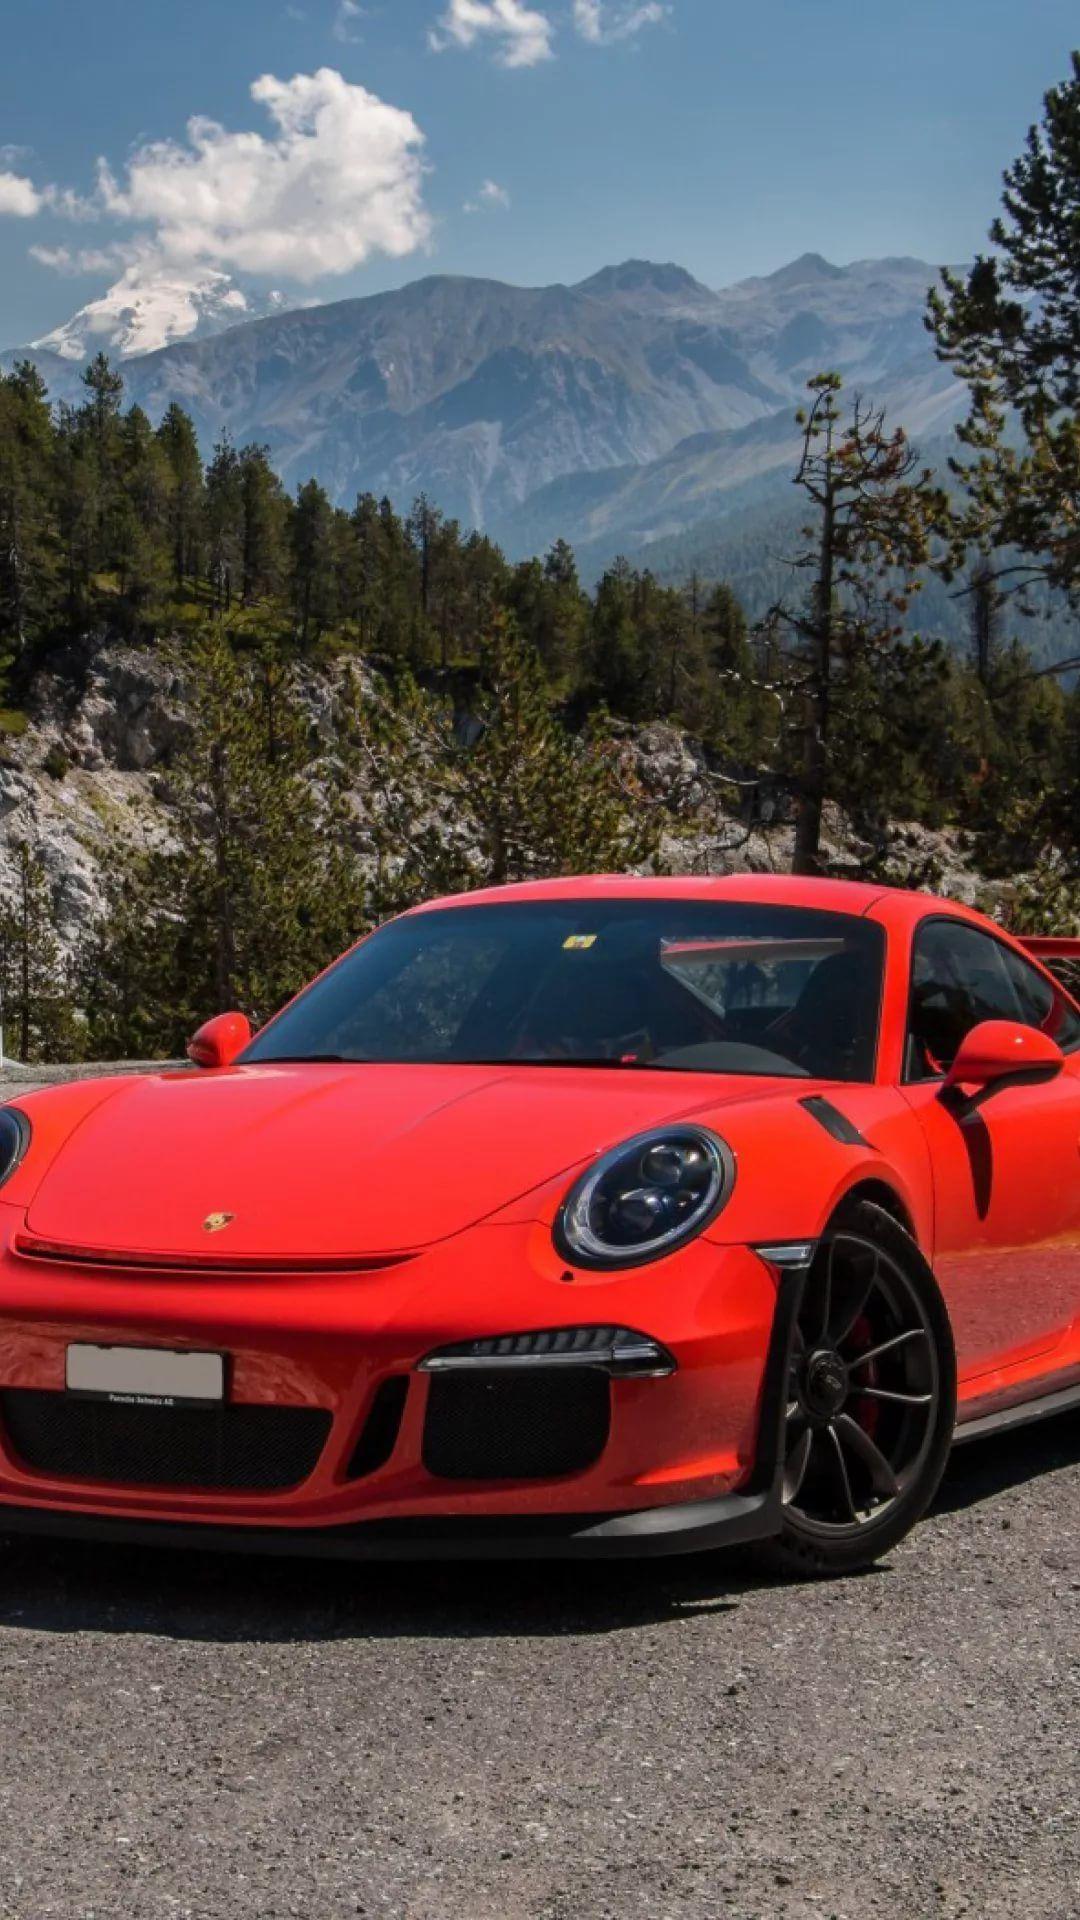 Porsche Iphone Wallpaper Porsche Gt3 Rs Wallpaper Iphone 640x1136 Download Hd Wallpaper Wallpapertip